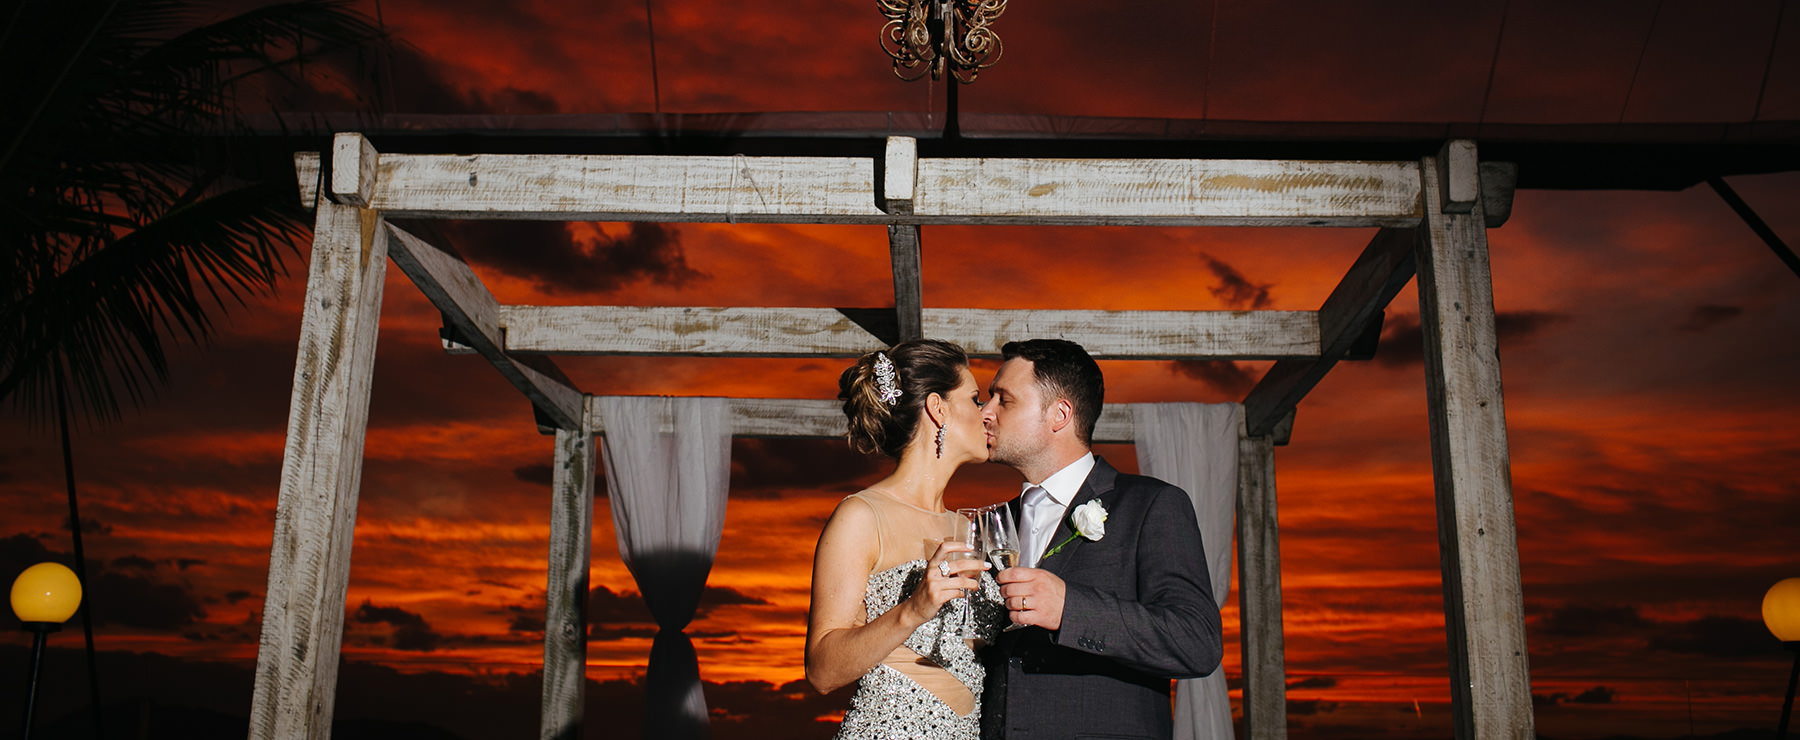 Joice & George - Casamento em Florianópolis